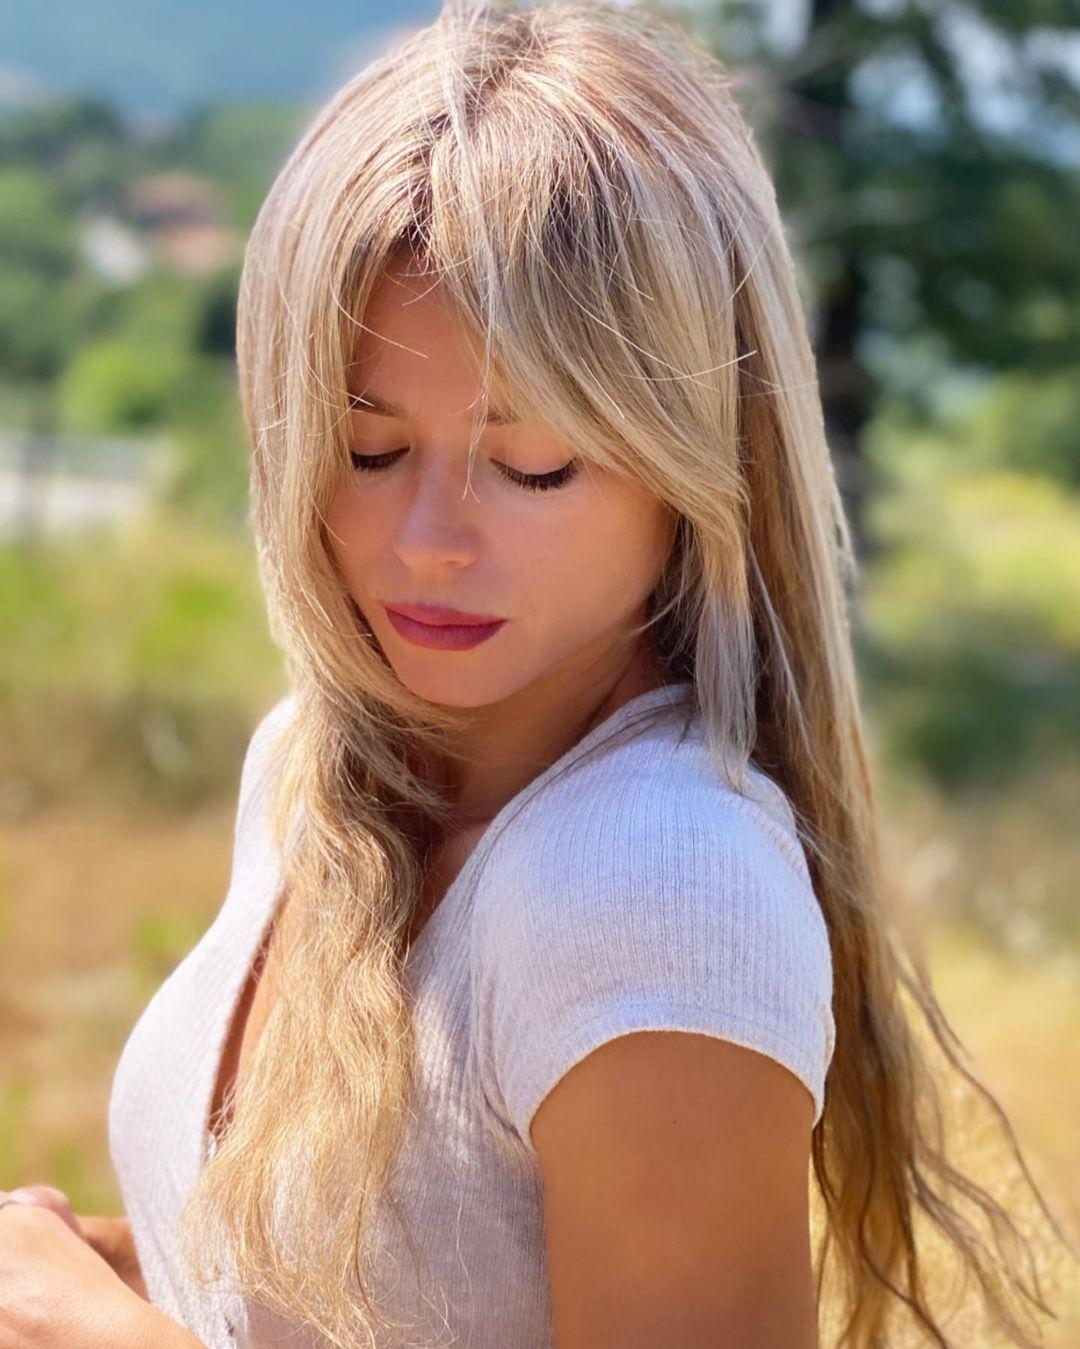 [东奥正妹]意大利网球女神小钢炮确定出战 超自律训练日常曝光 网络美女 第19张